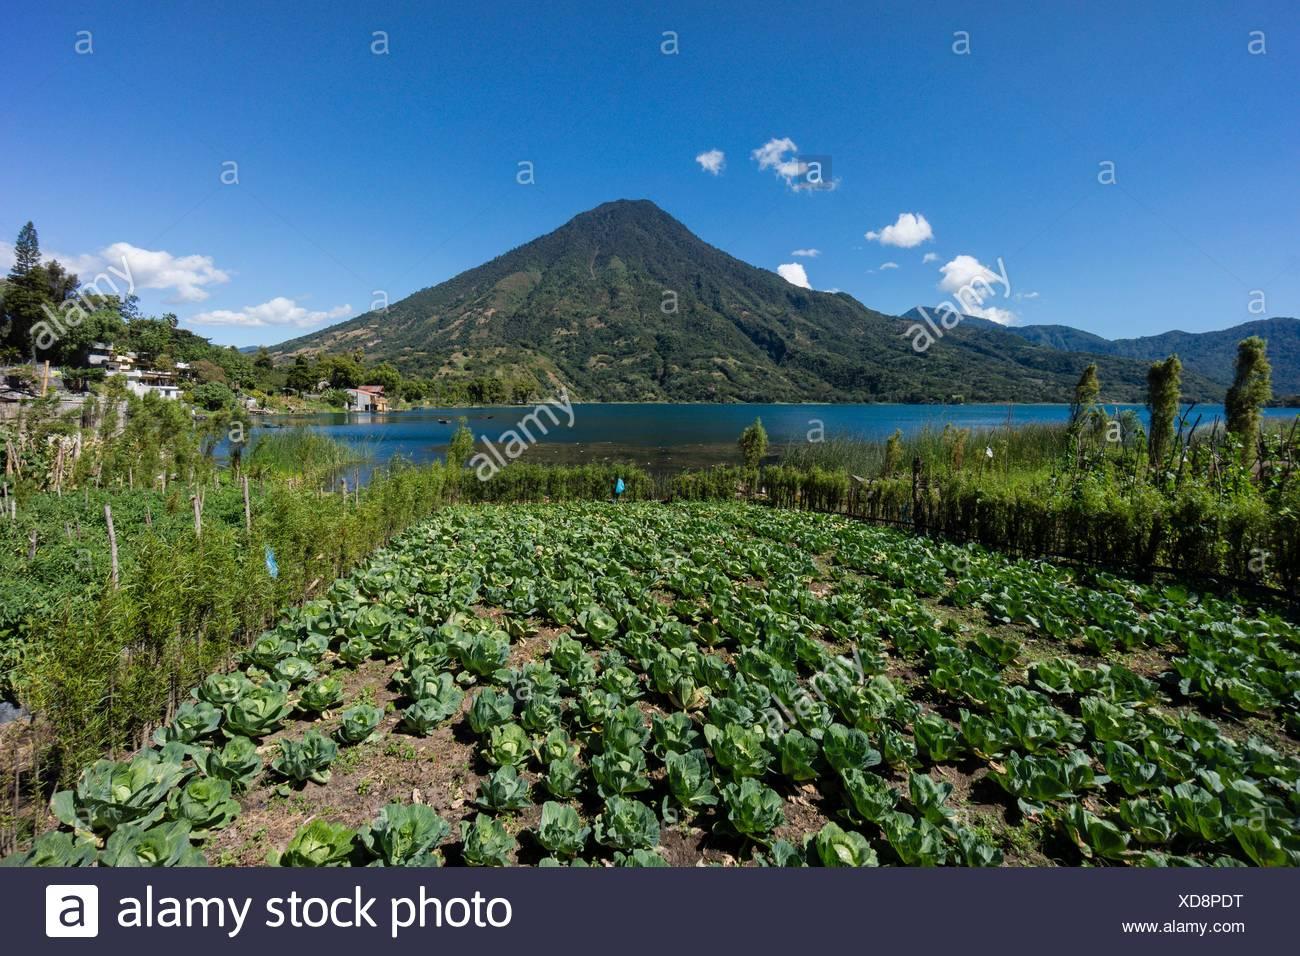 volcán San Pedro, suroeste de la caldera del lago de Atitlán , Santiago Atitlán. Tiene una altitud de 3. 020,Guatemala, Central America. - Stock Image